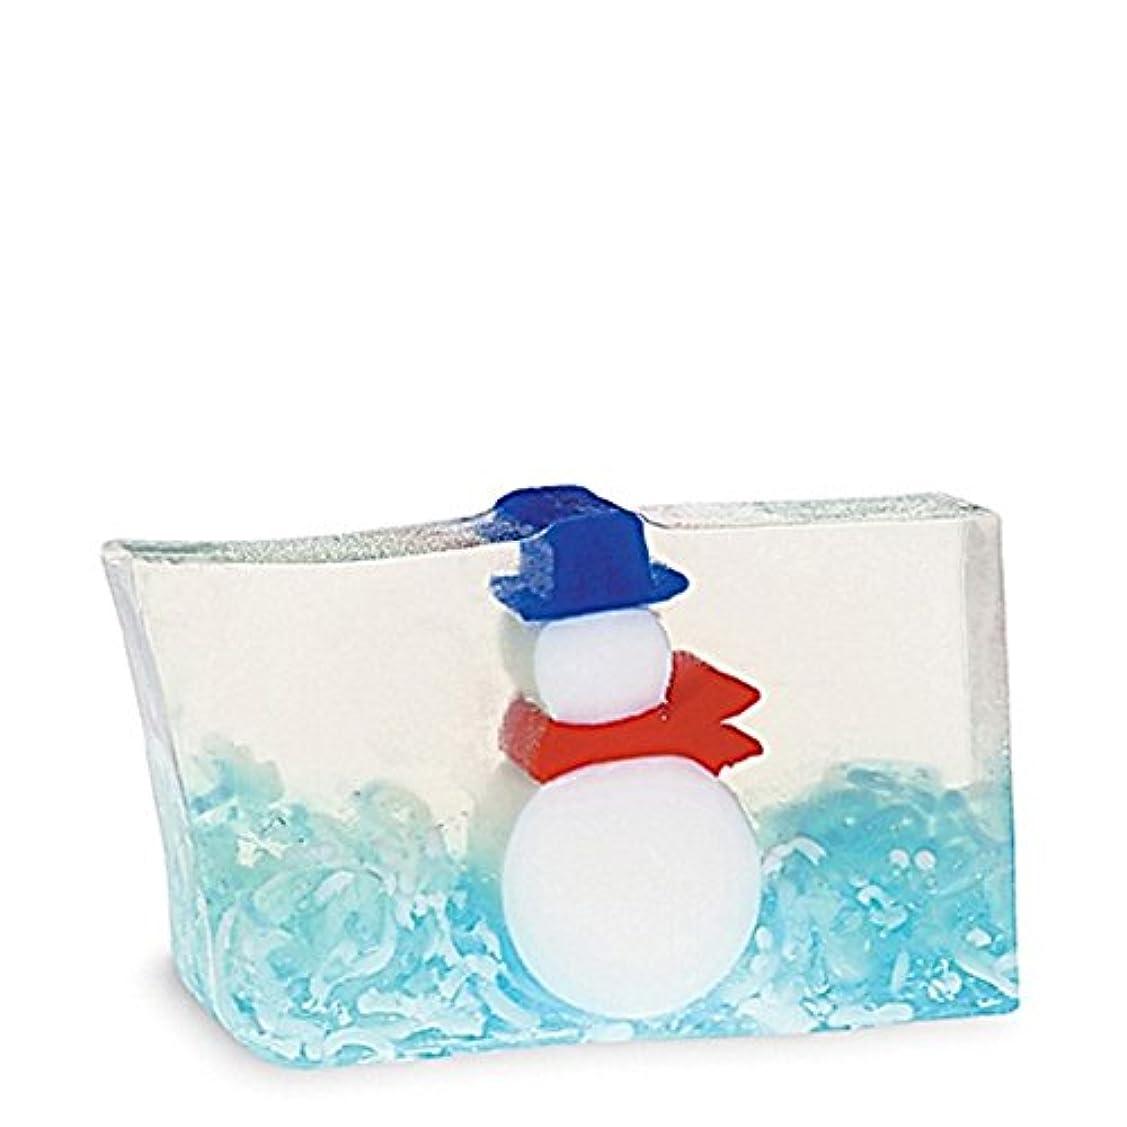 シェルター血色の良い鉛筆原初の要素雪だるま石鹸170グラム x4 - Primal Elements Snowman Soap 170g (Pack of 4) [並行輸入品]